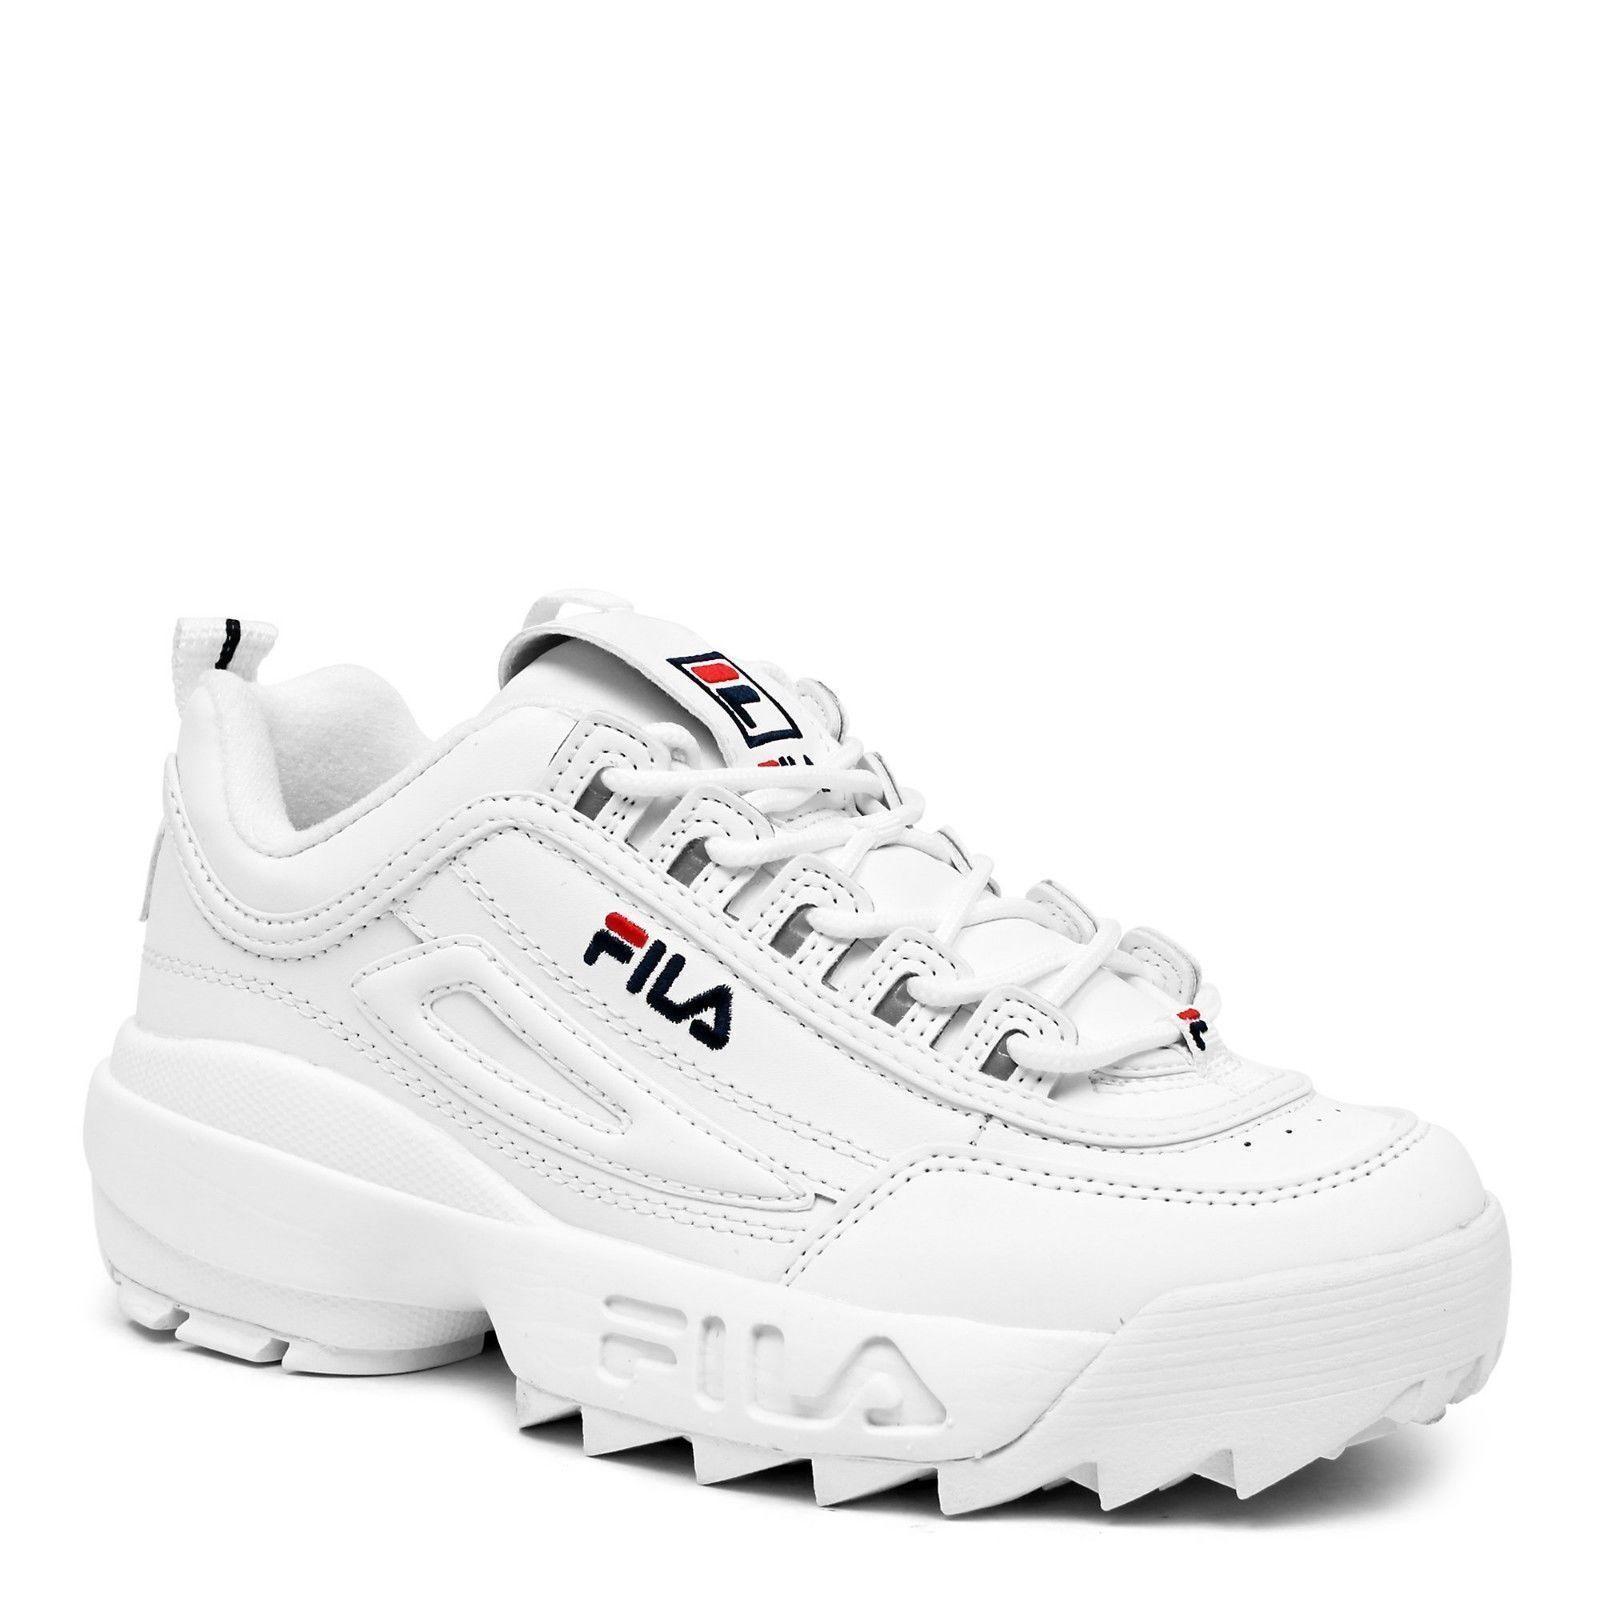 Fila sizes Disruptor II white/peact/vred FW01655-111 sizes Fila 5~7 8bb395